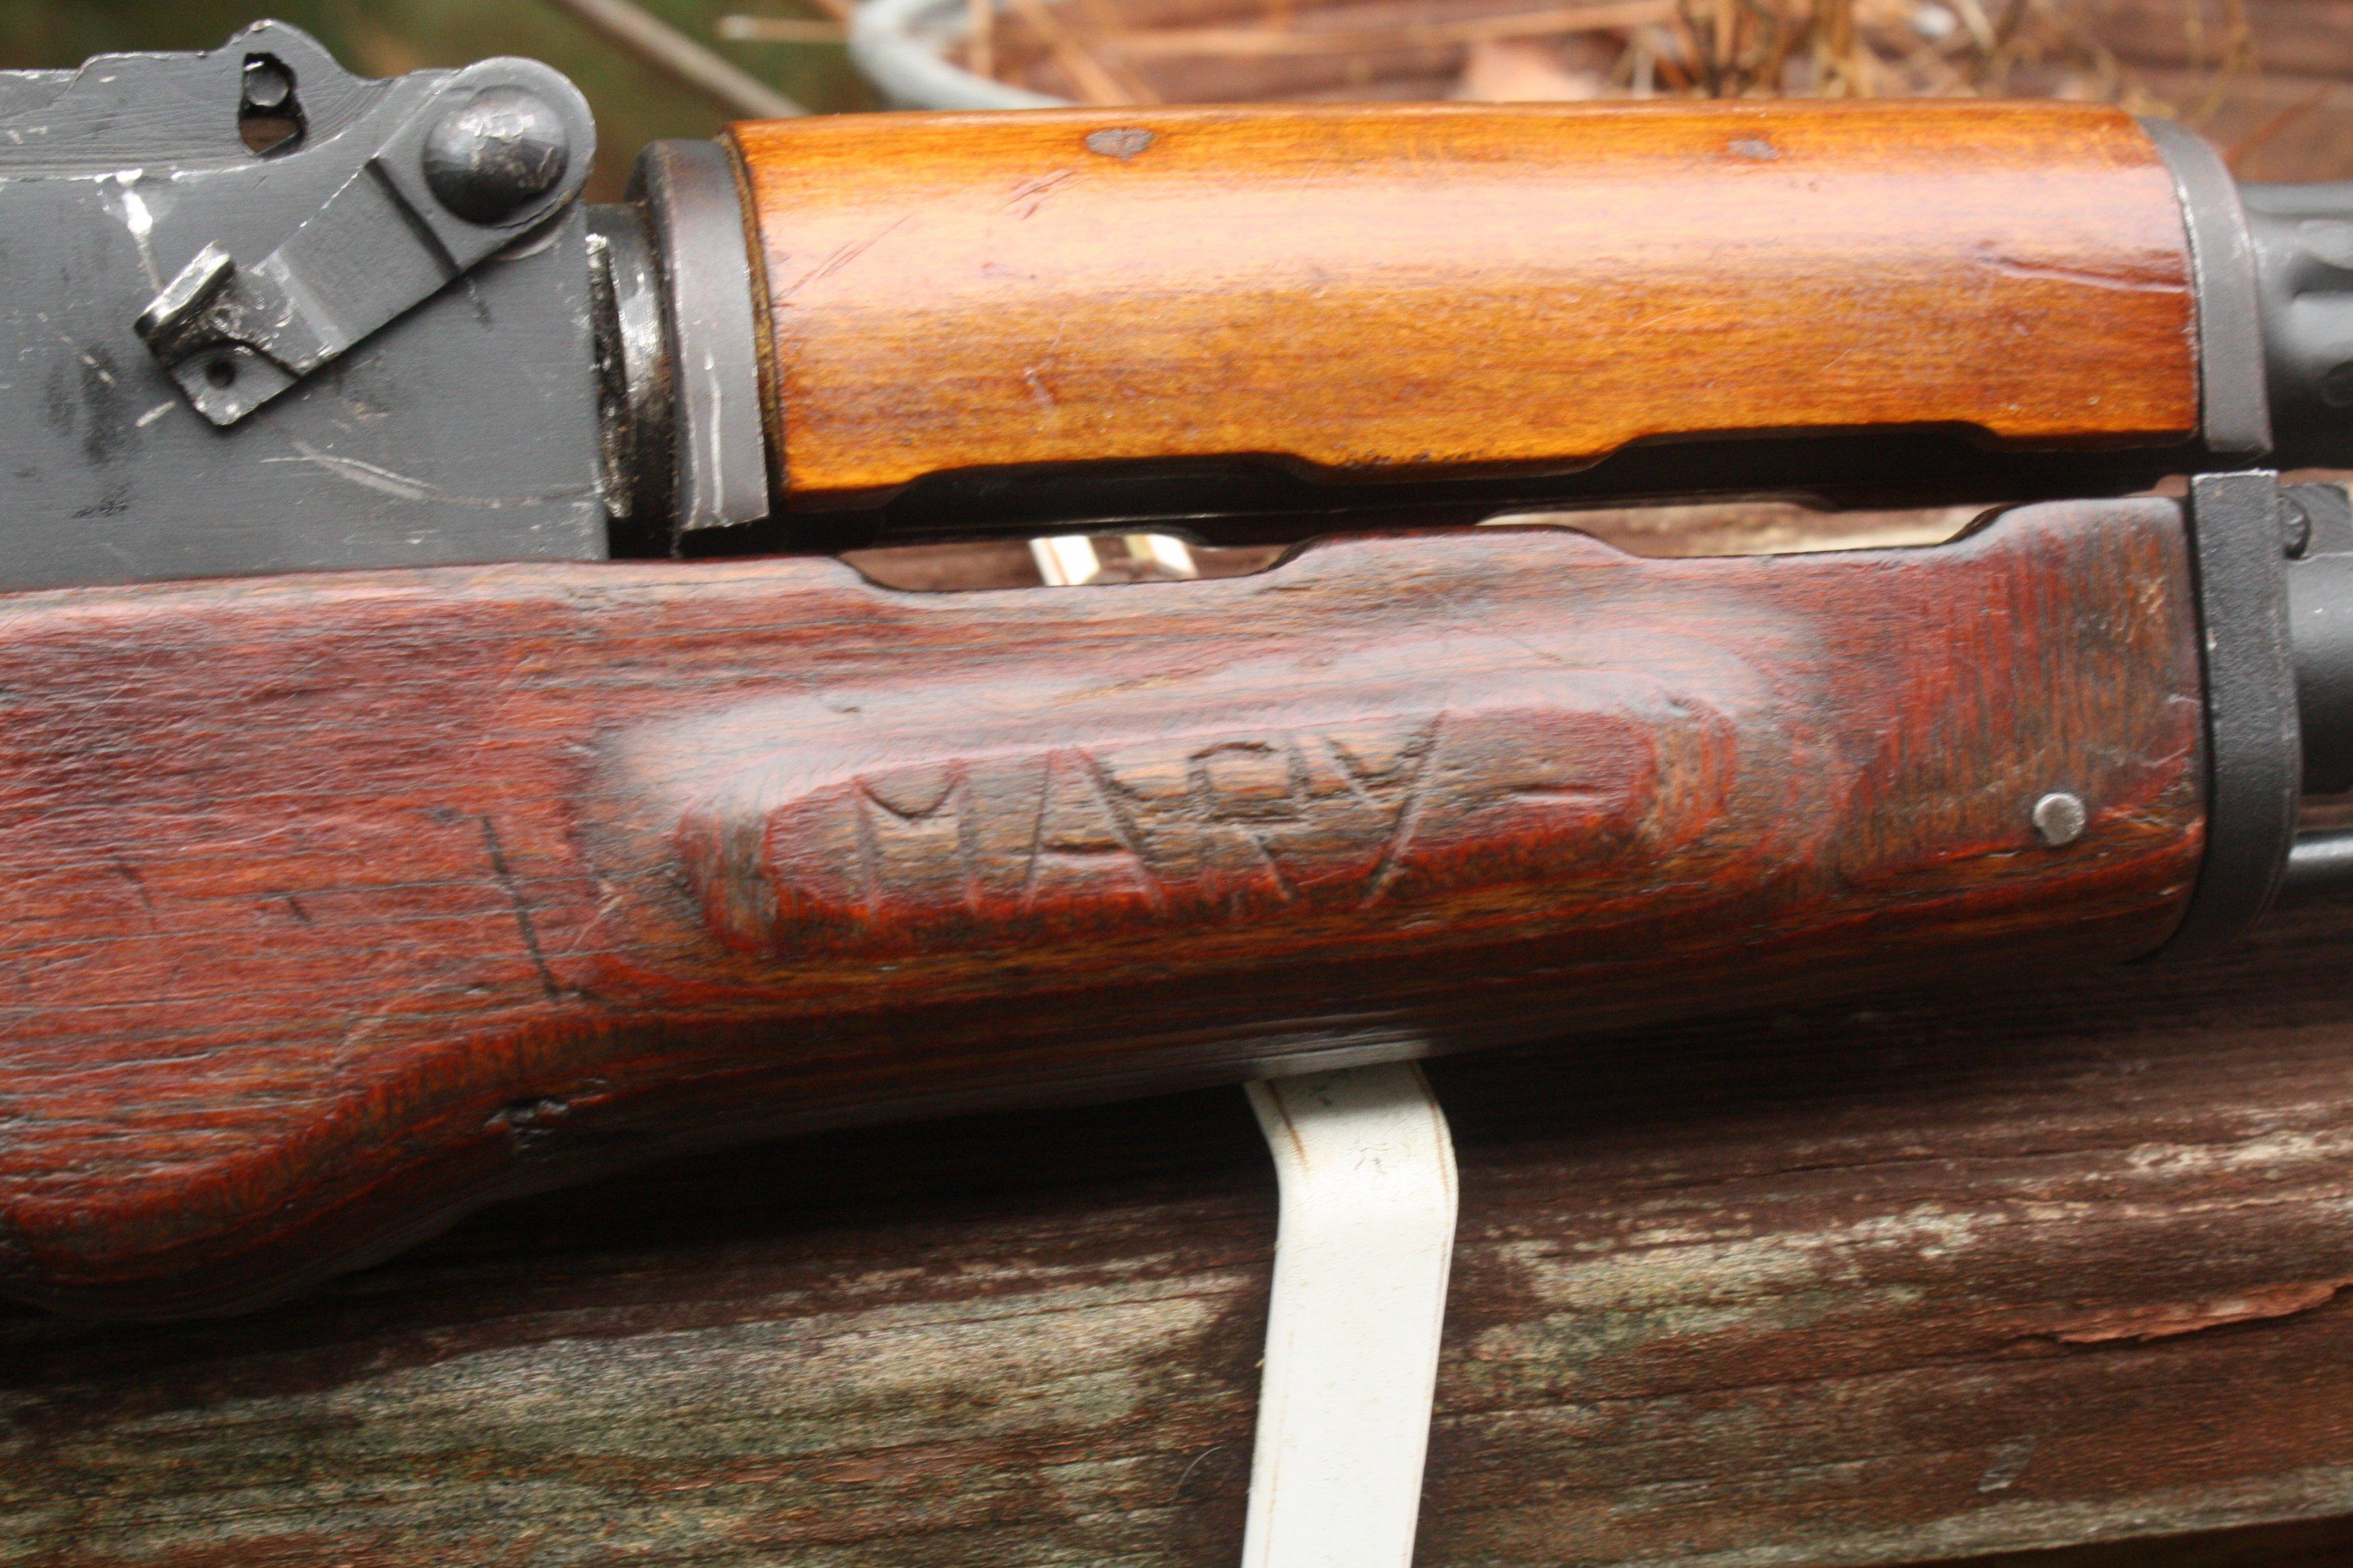 Atlantic Firearms Romanian AK stock sets